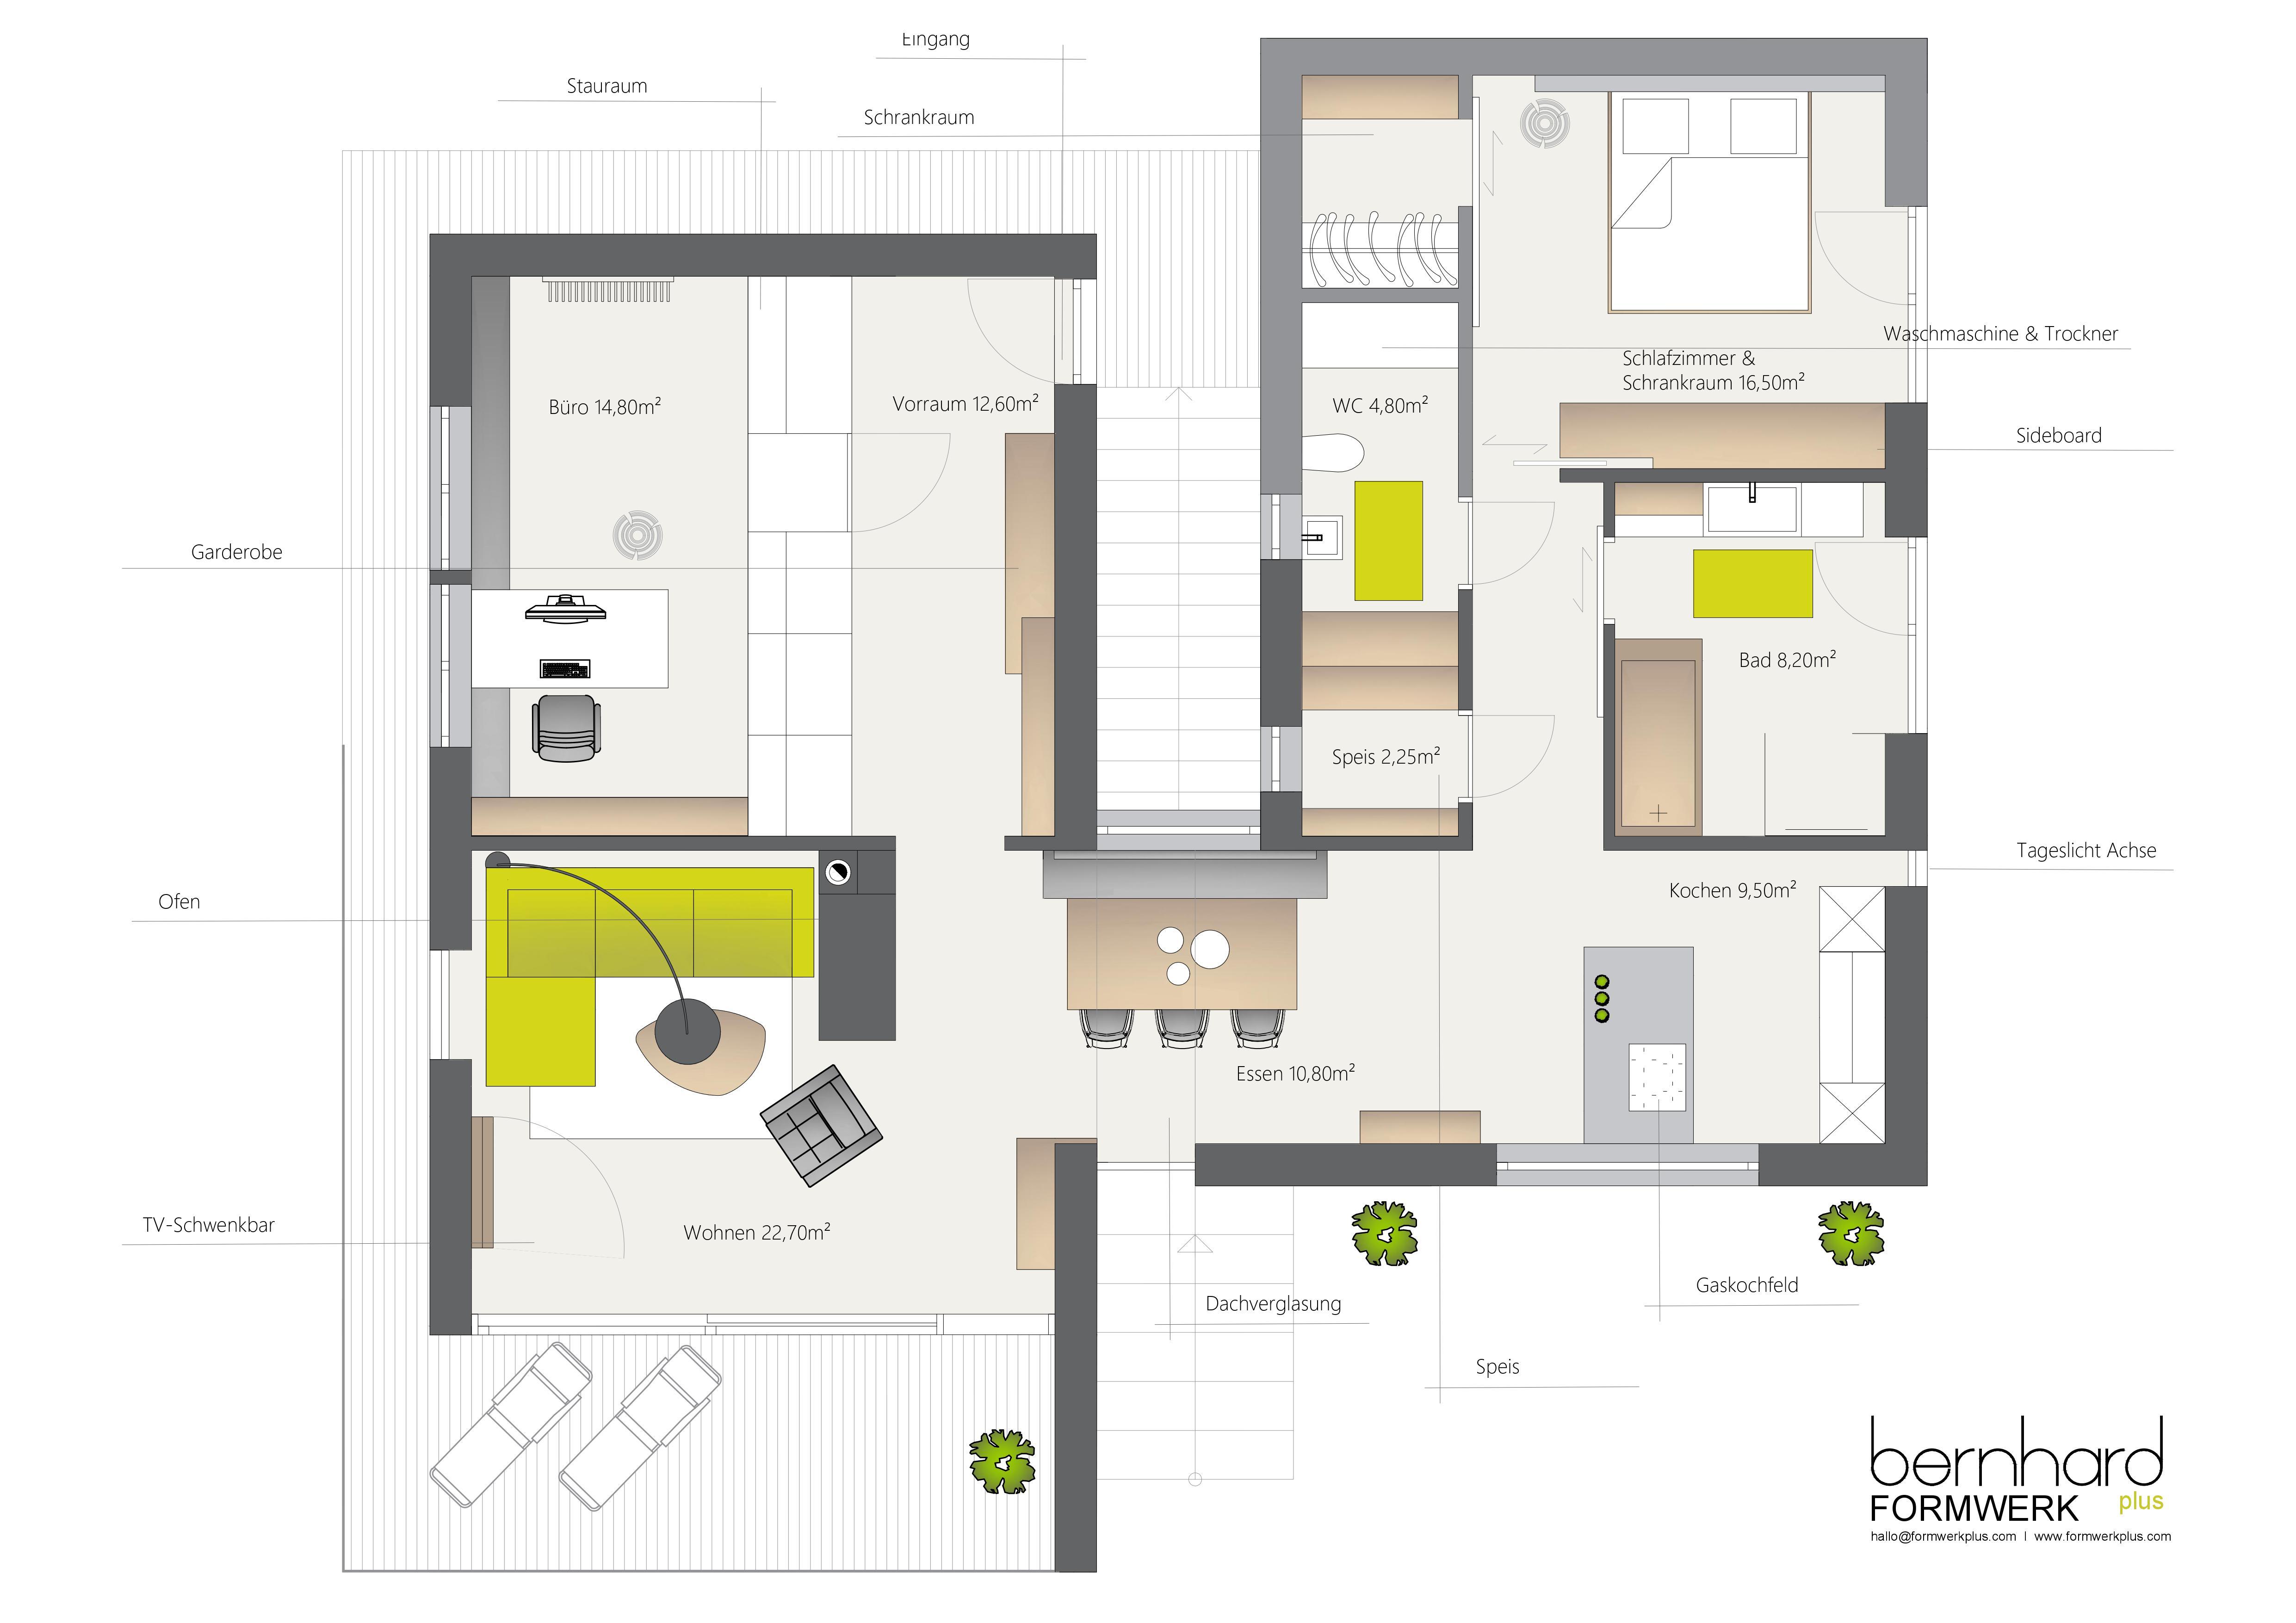 FORMWERKplus Entwurf Innenarchitektur Ladenbau Shop Design ...